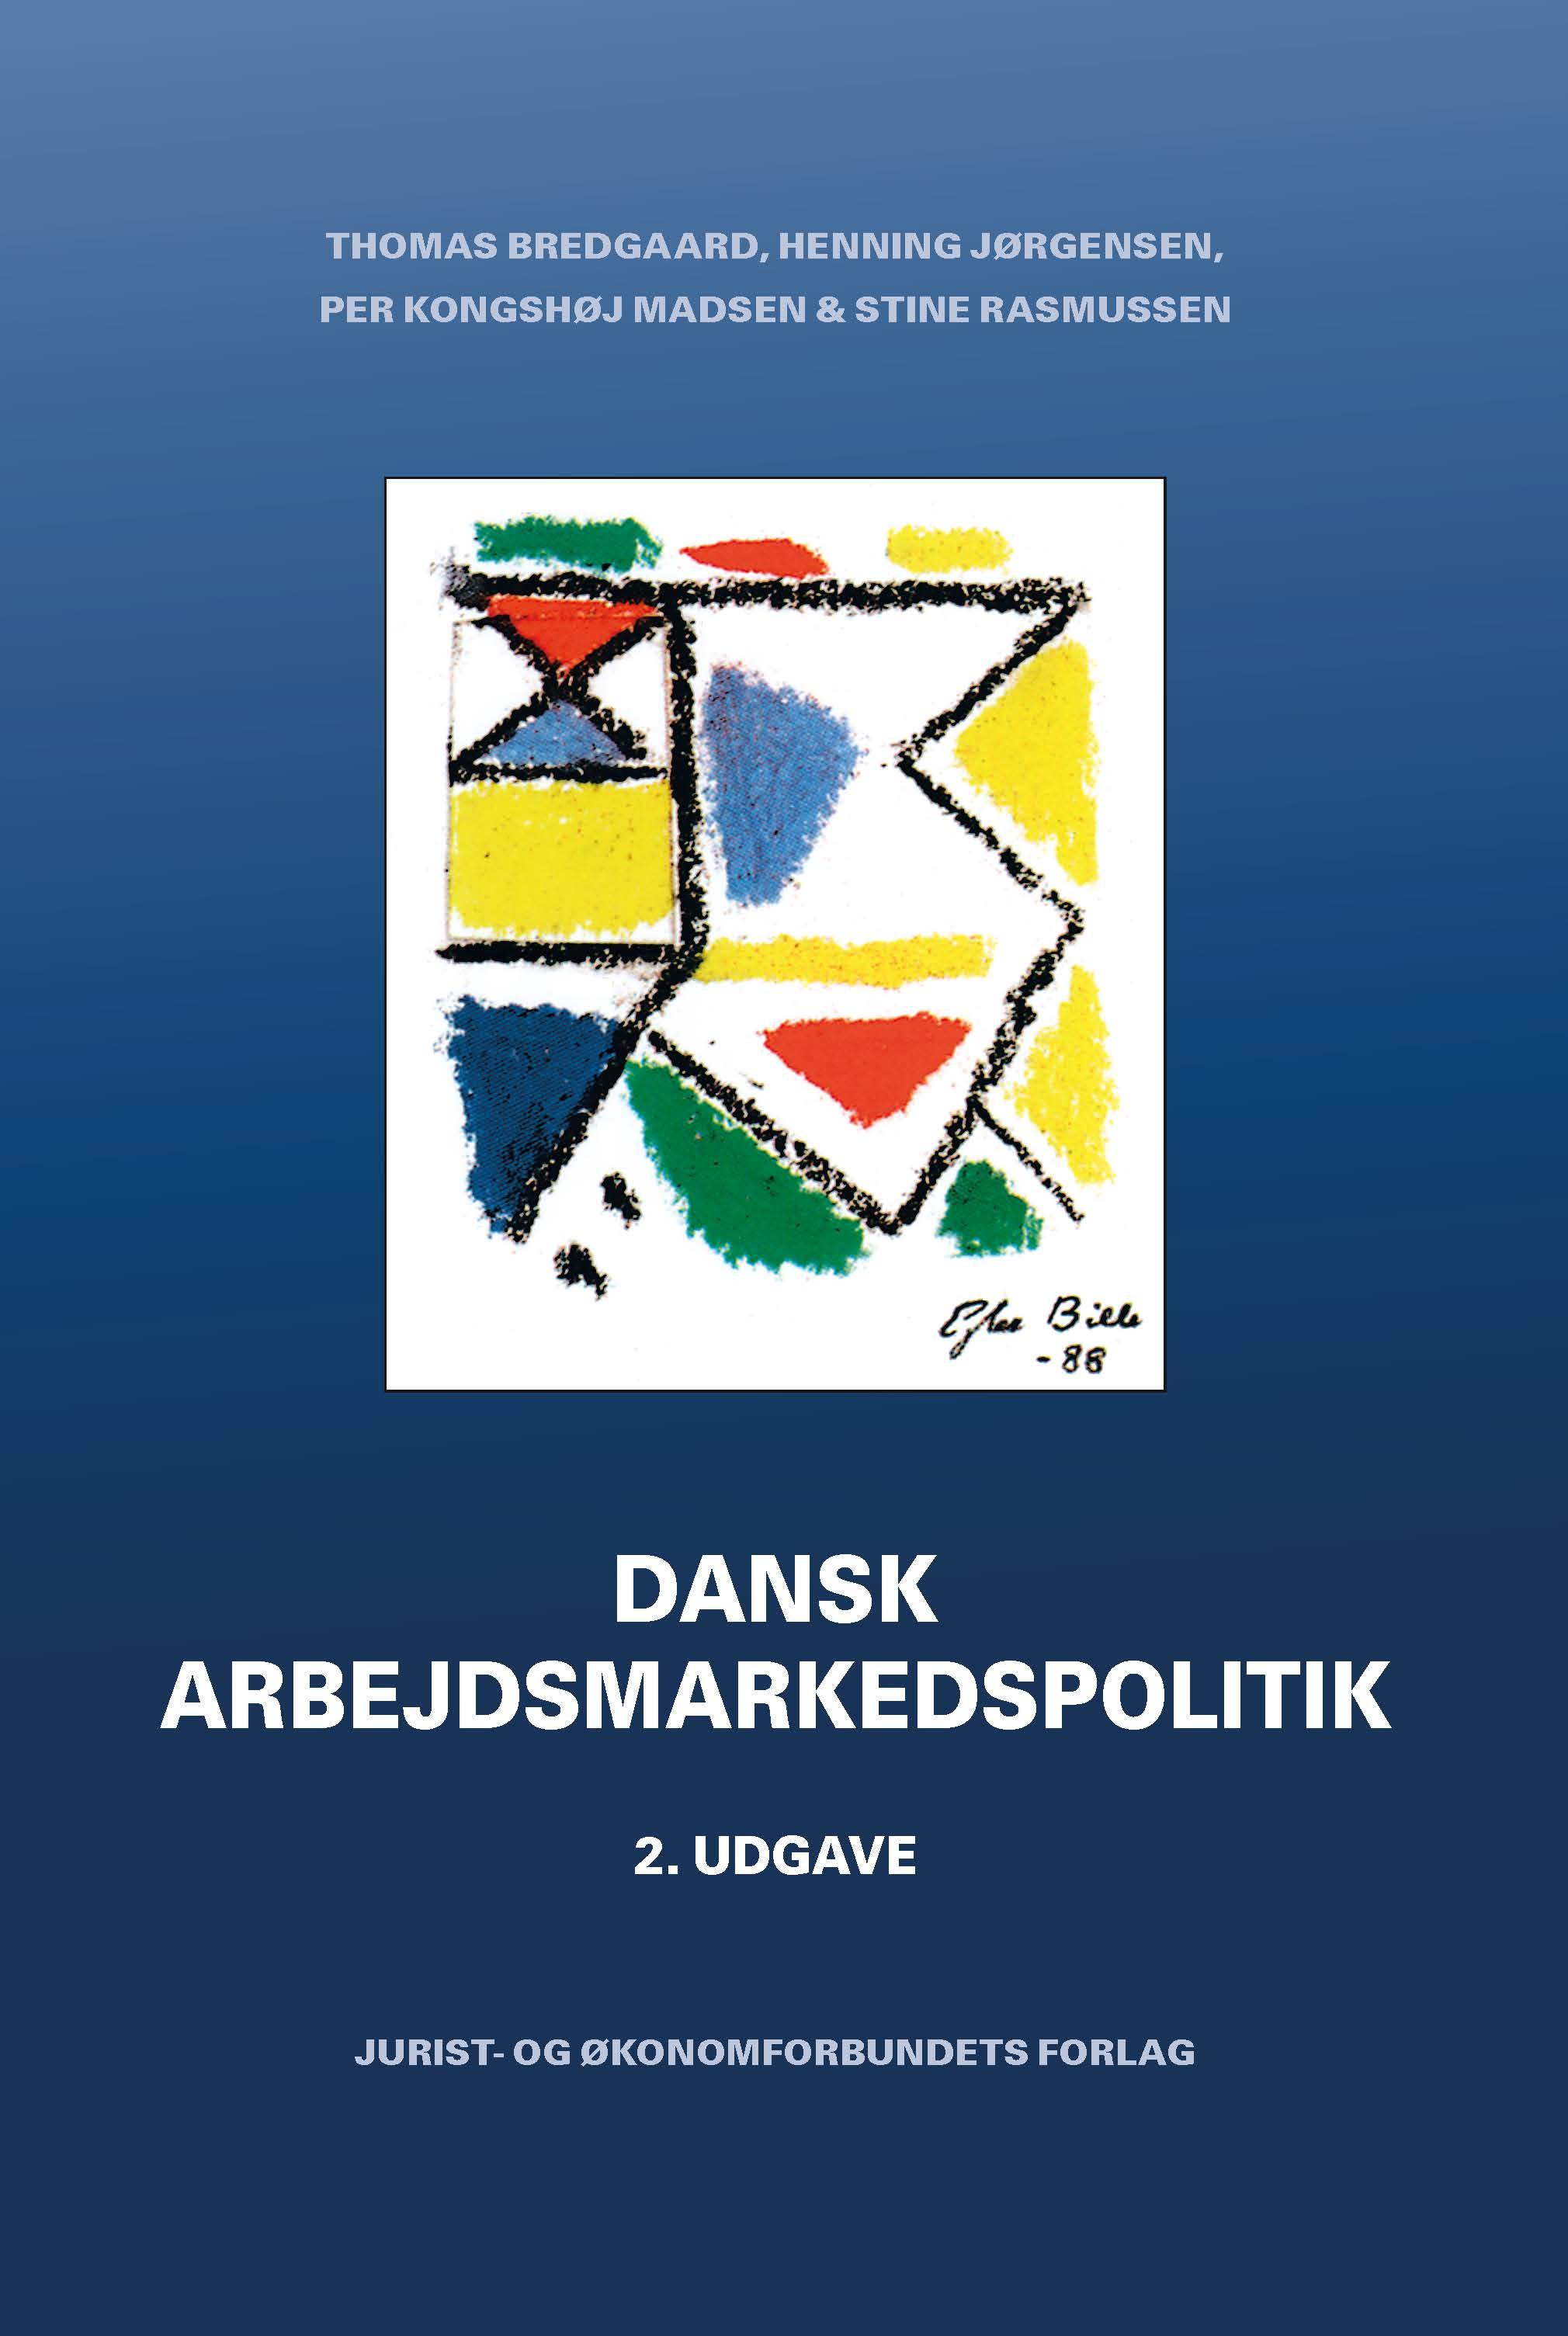 Dansk arbejdsmarkedspolitik